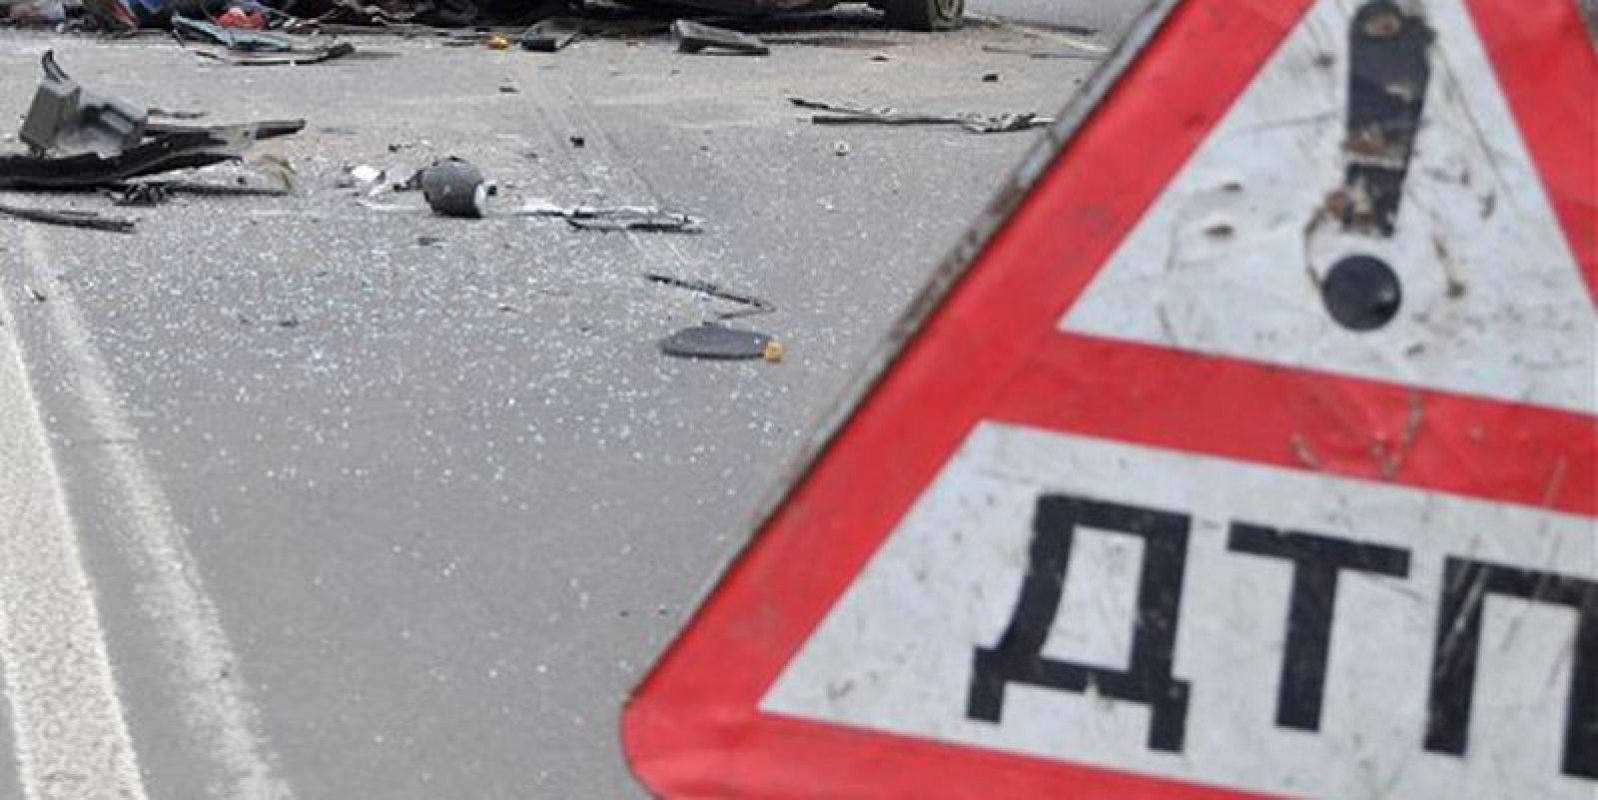 МВД проверяет обстоятельства смертельного ДТП в Ялте с участием сотрудника ГИБДД